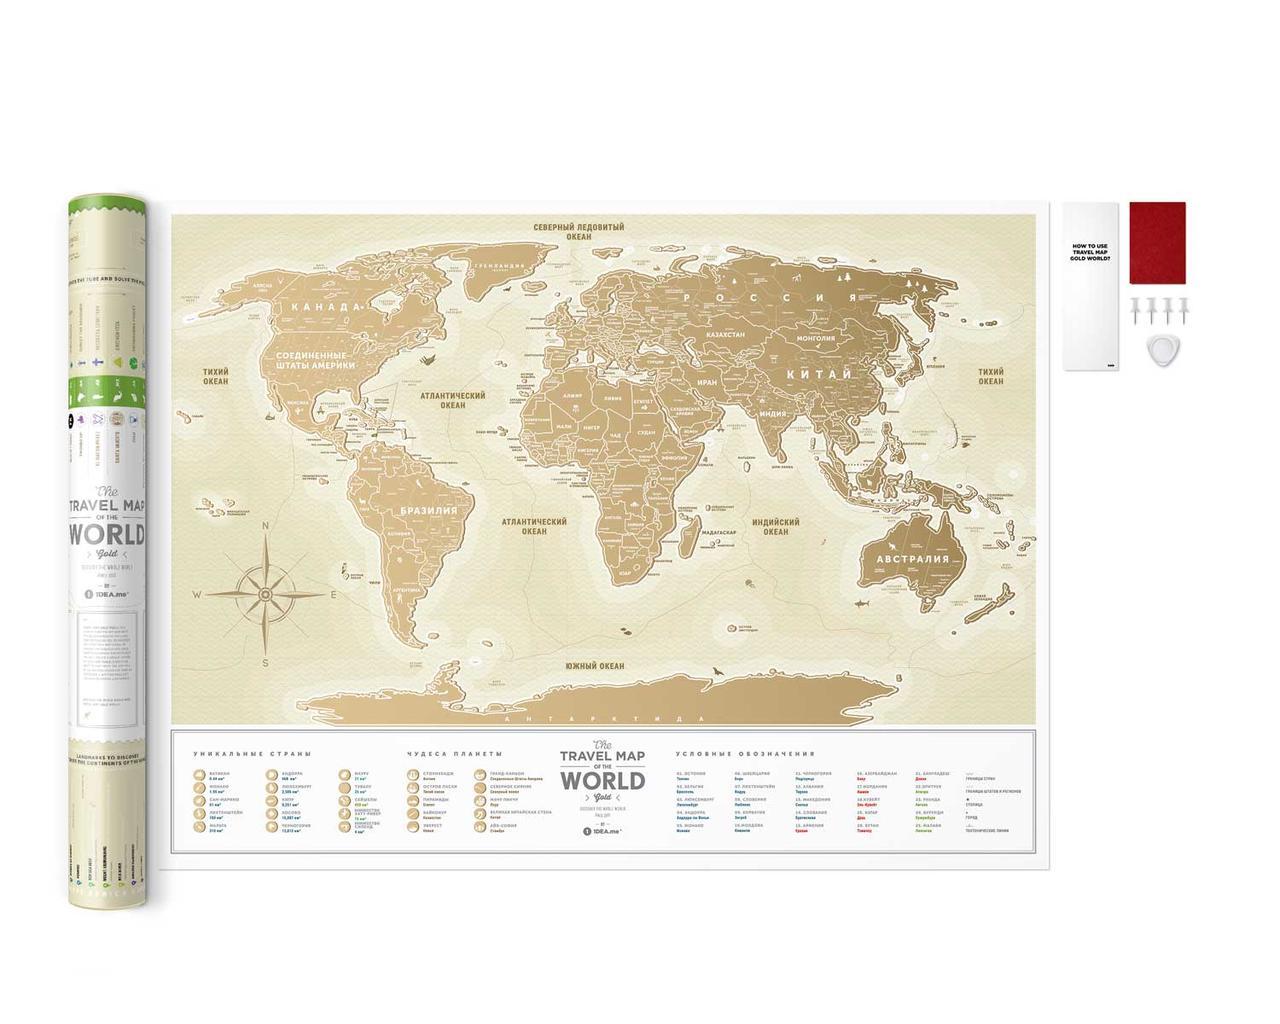 Скретч Карта Мира Travel Map Gold (русская версия)